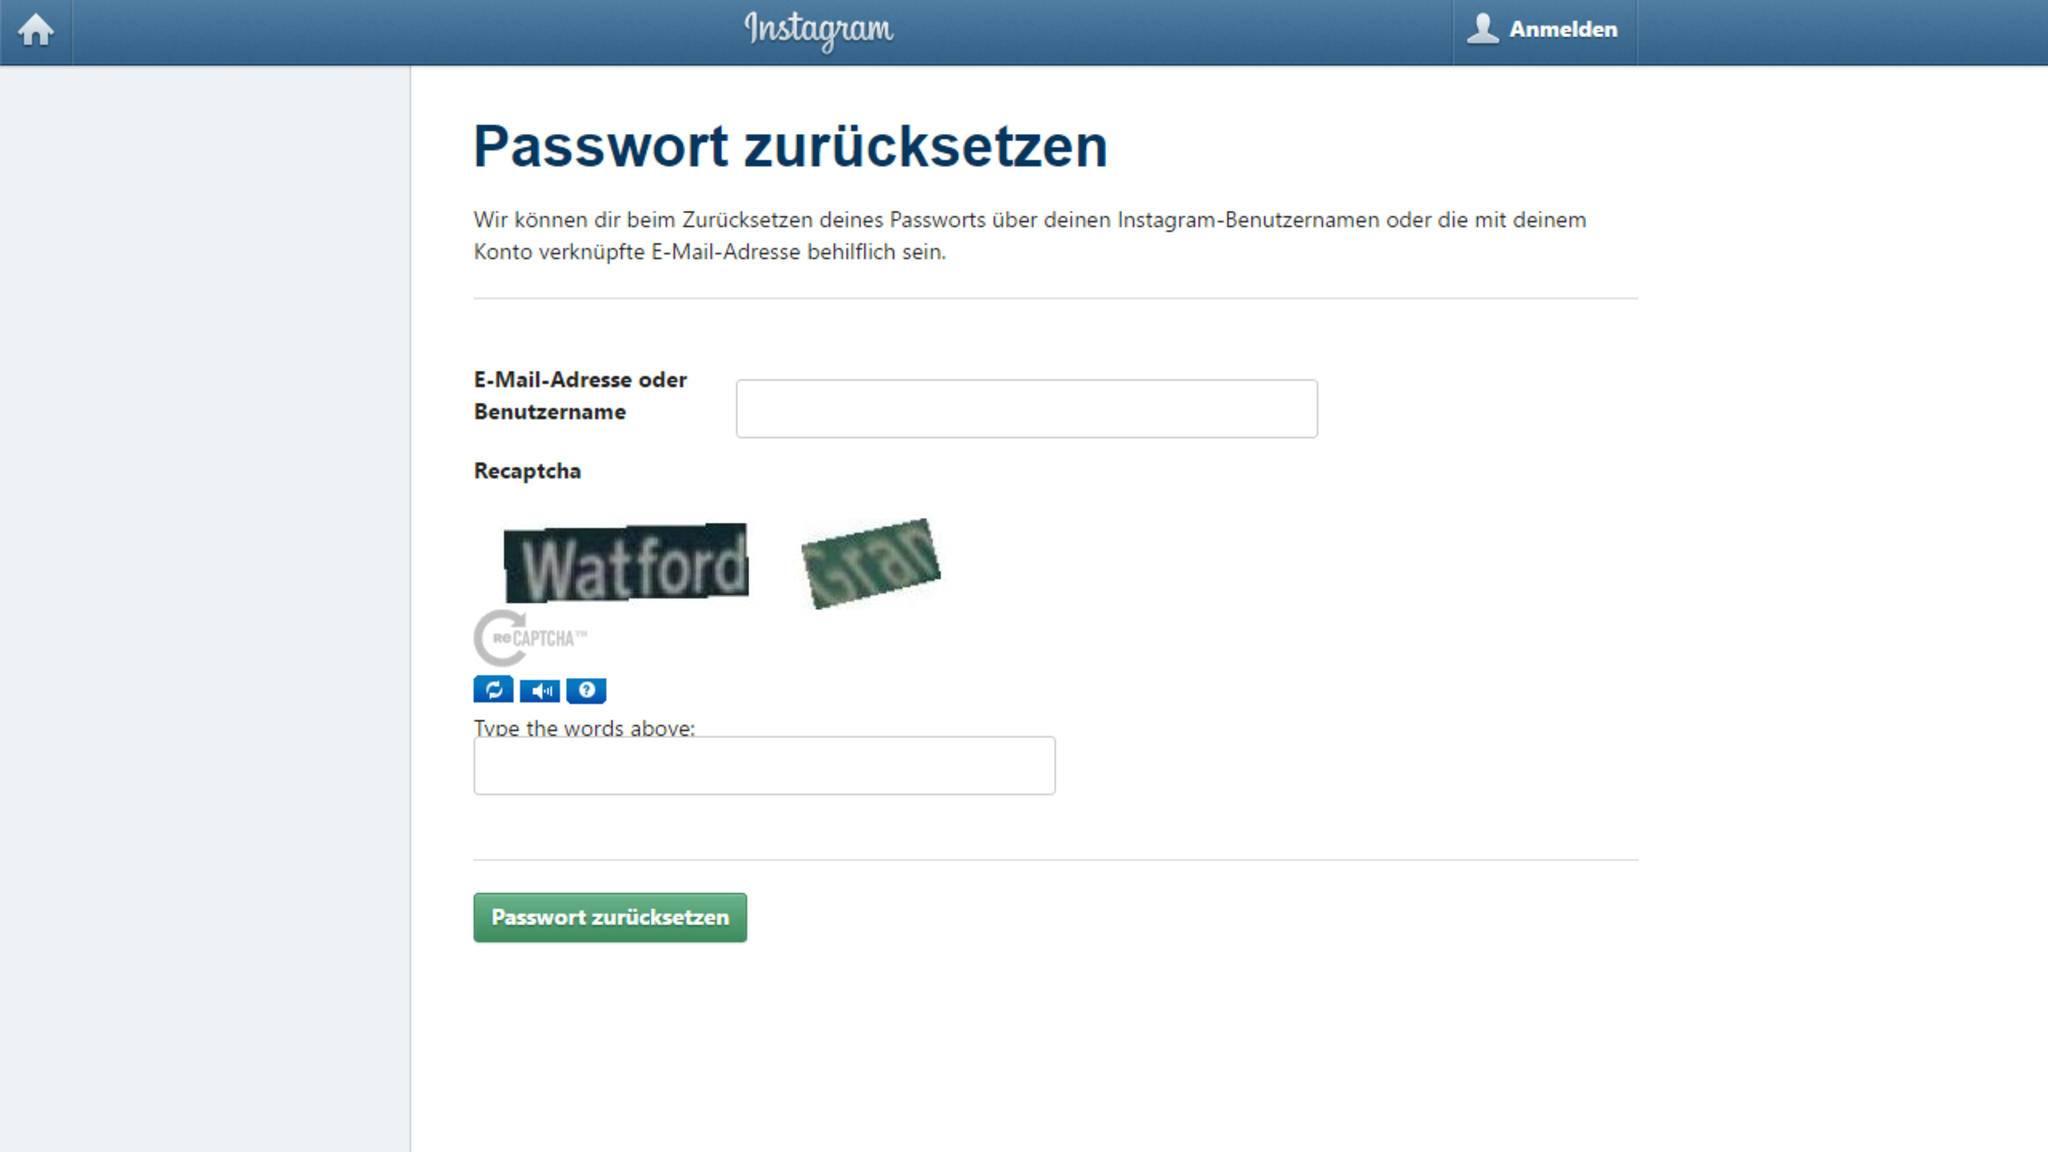 Klickst Du darauf, hast Du Die Möglichkeit, das Passwort zurückzusetzen.